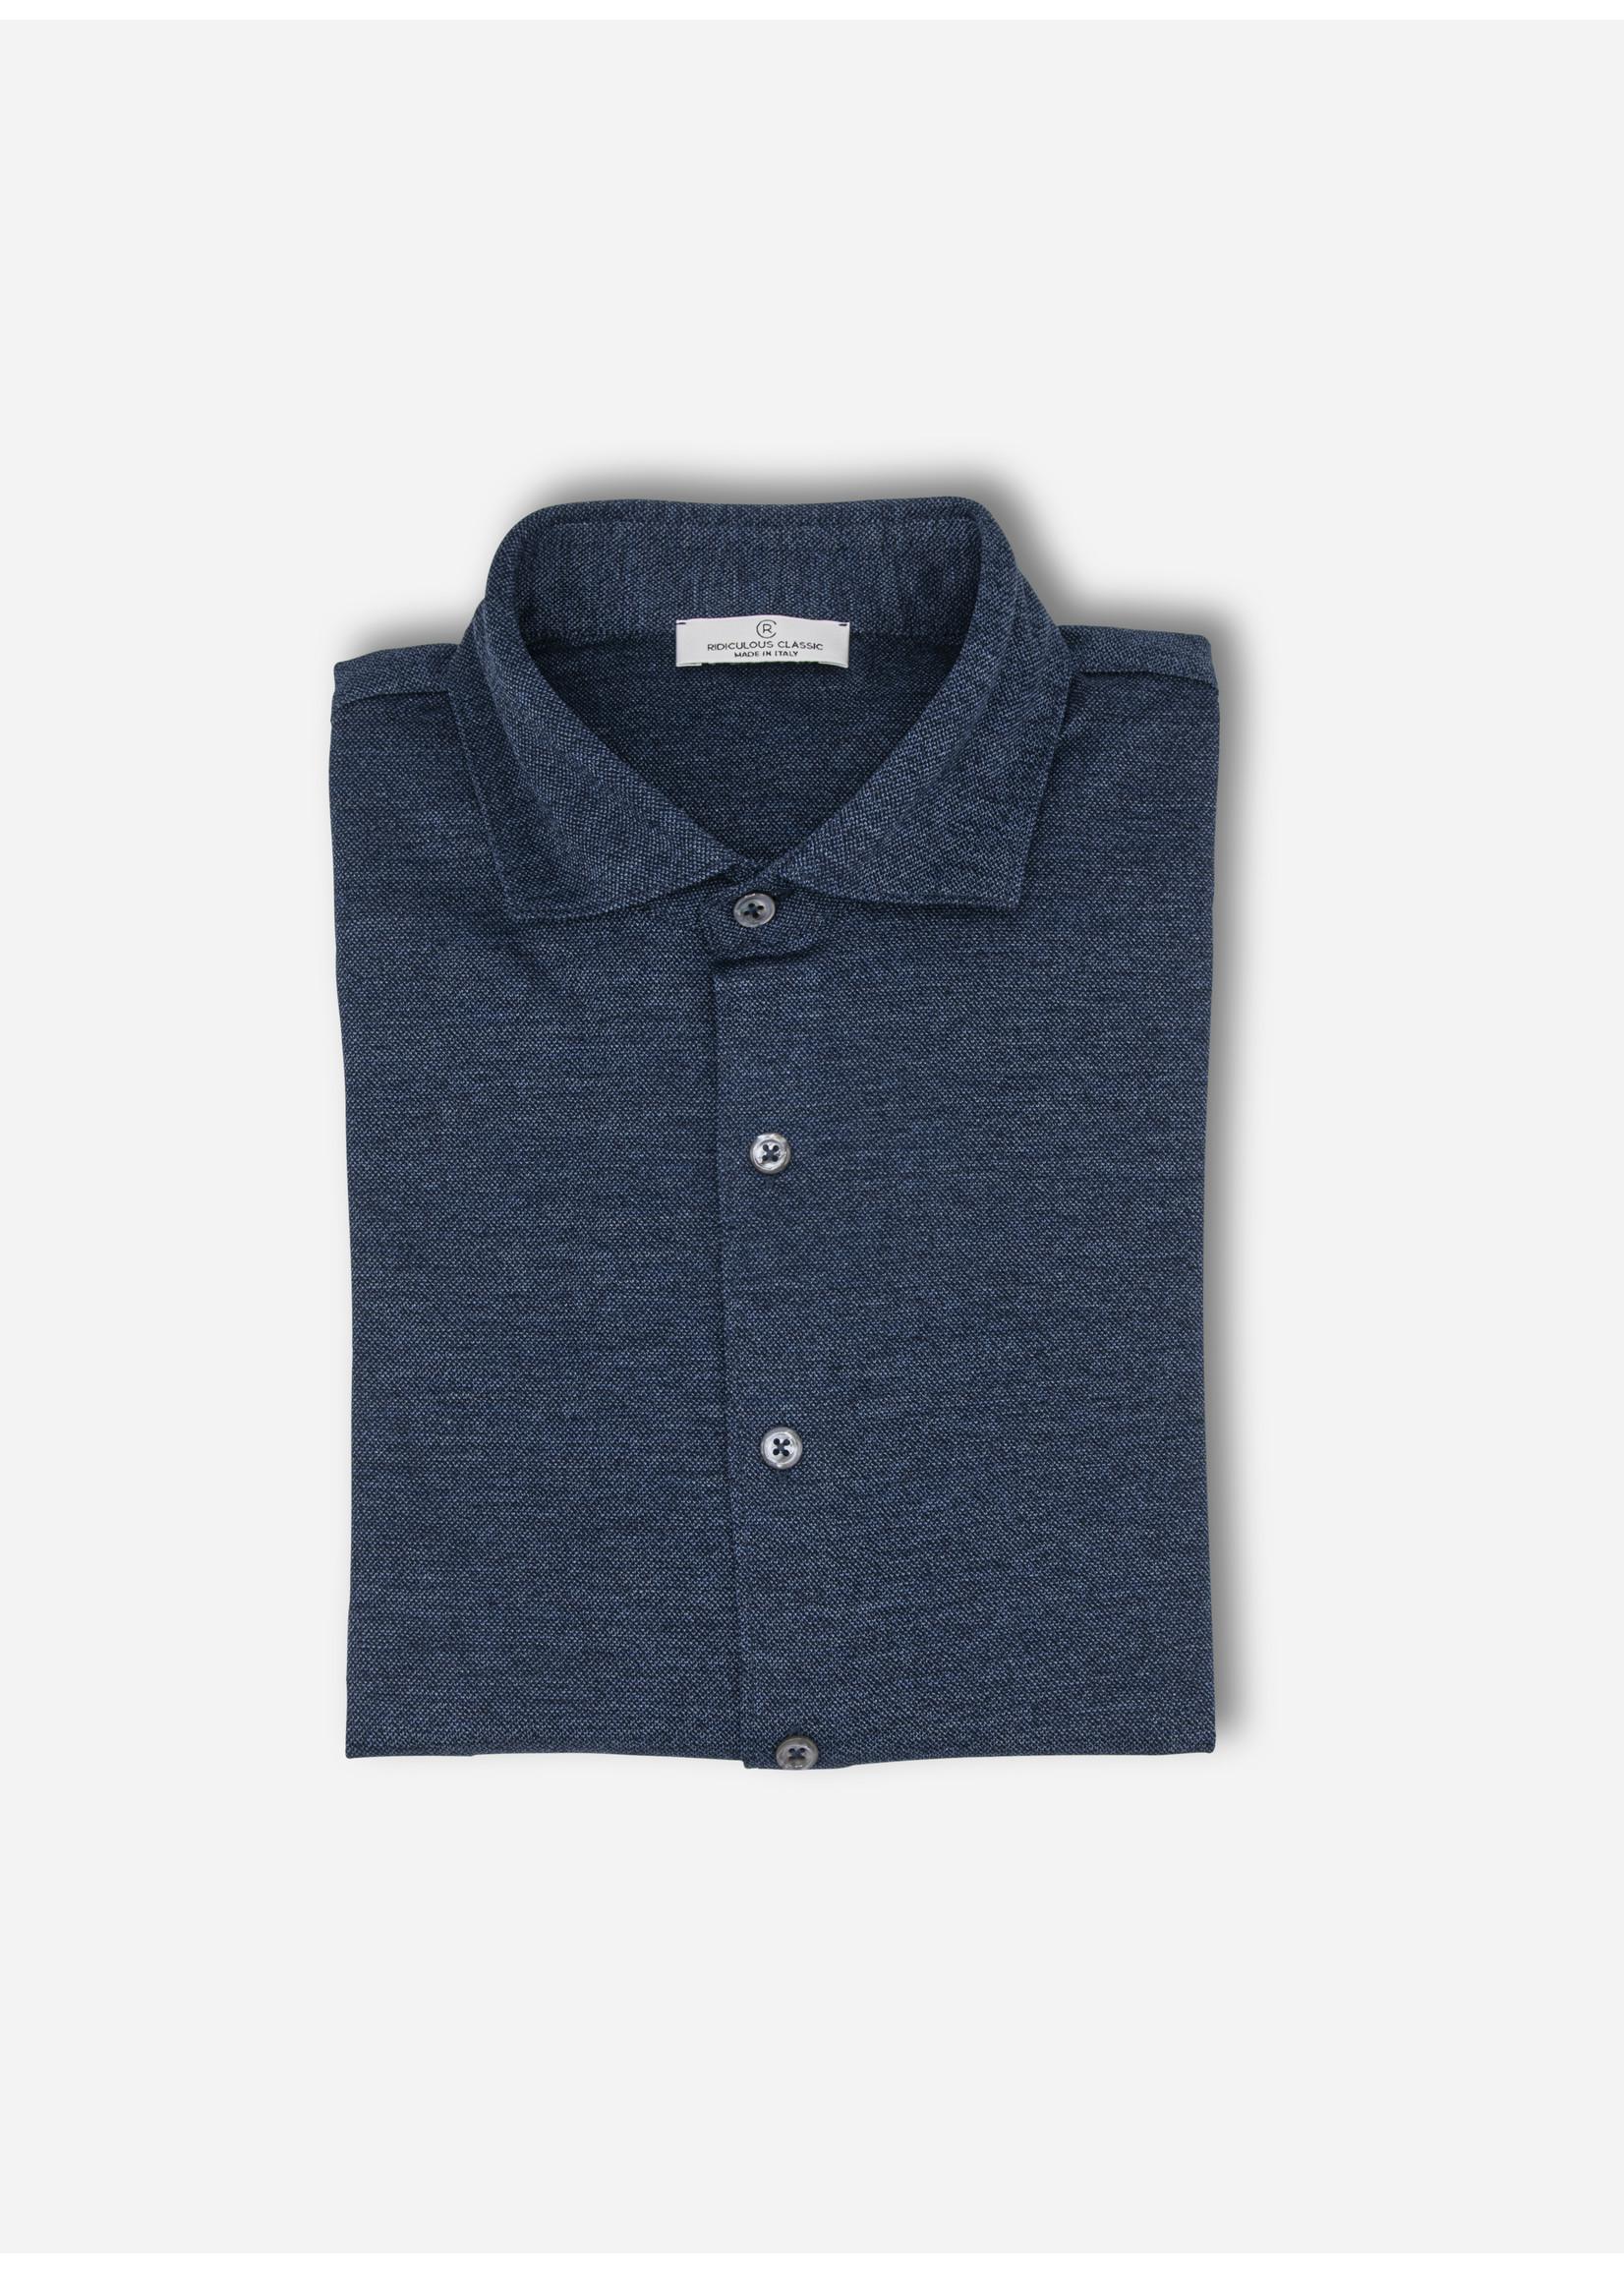 Ridiculous Classic Shirt jeans blue pique